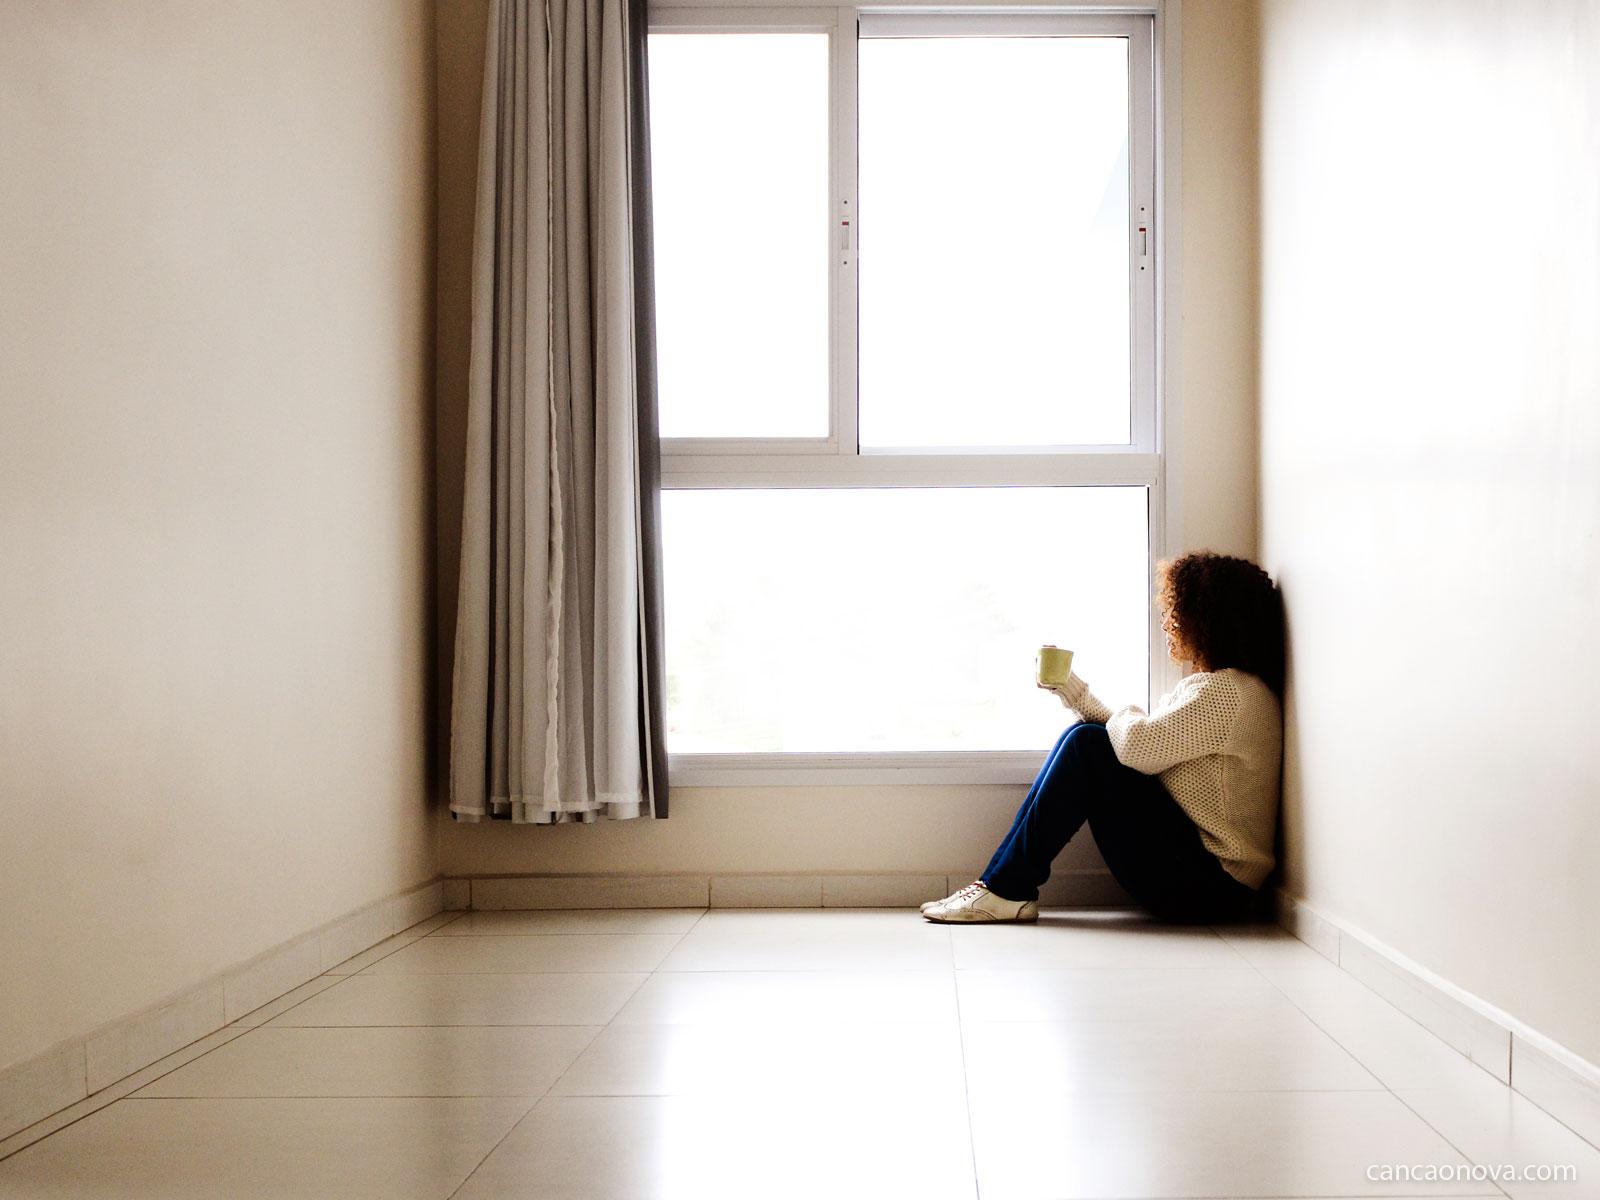 Realmente tenho que namorar ou posso estar sozinho?